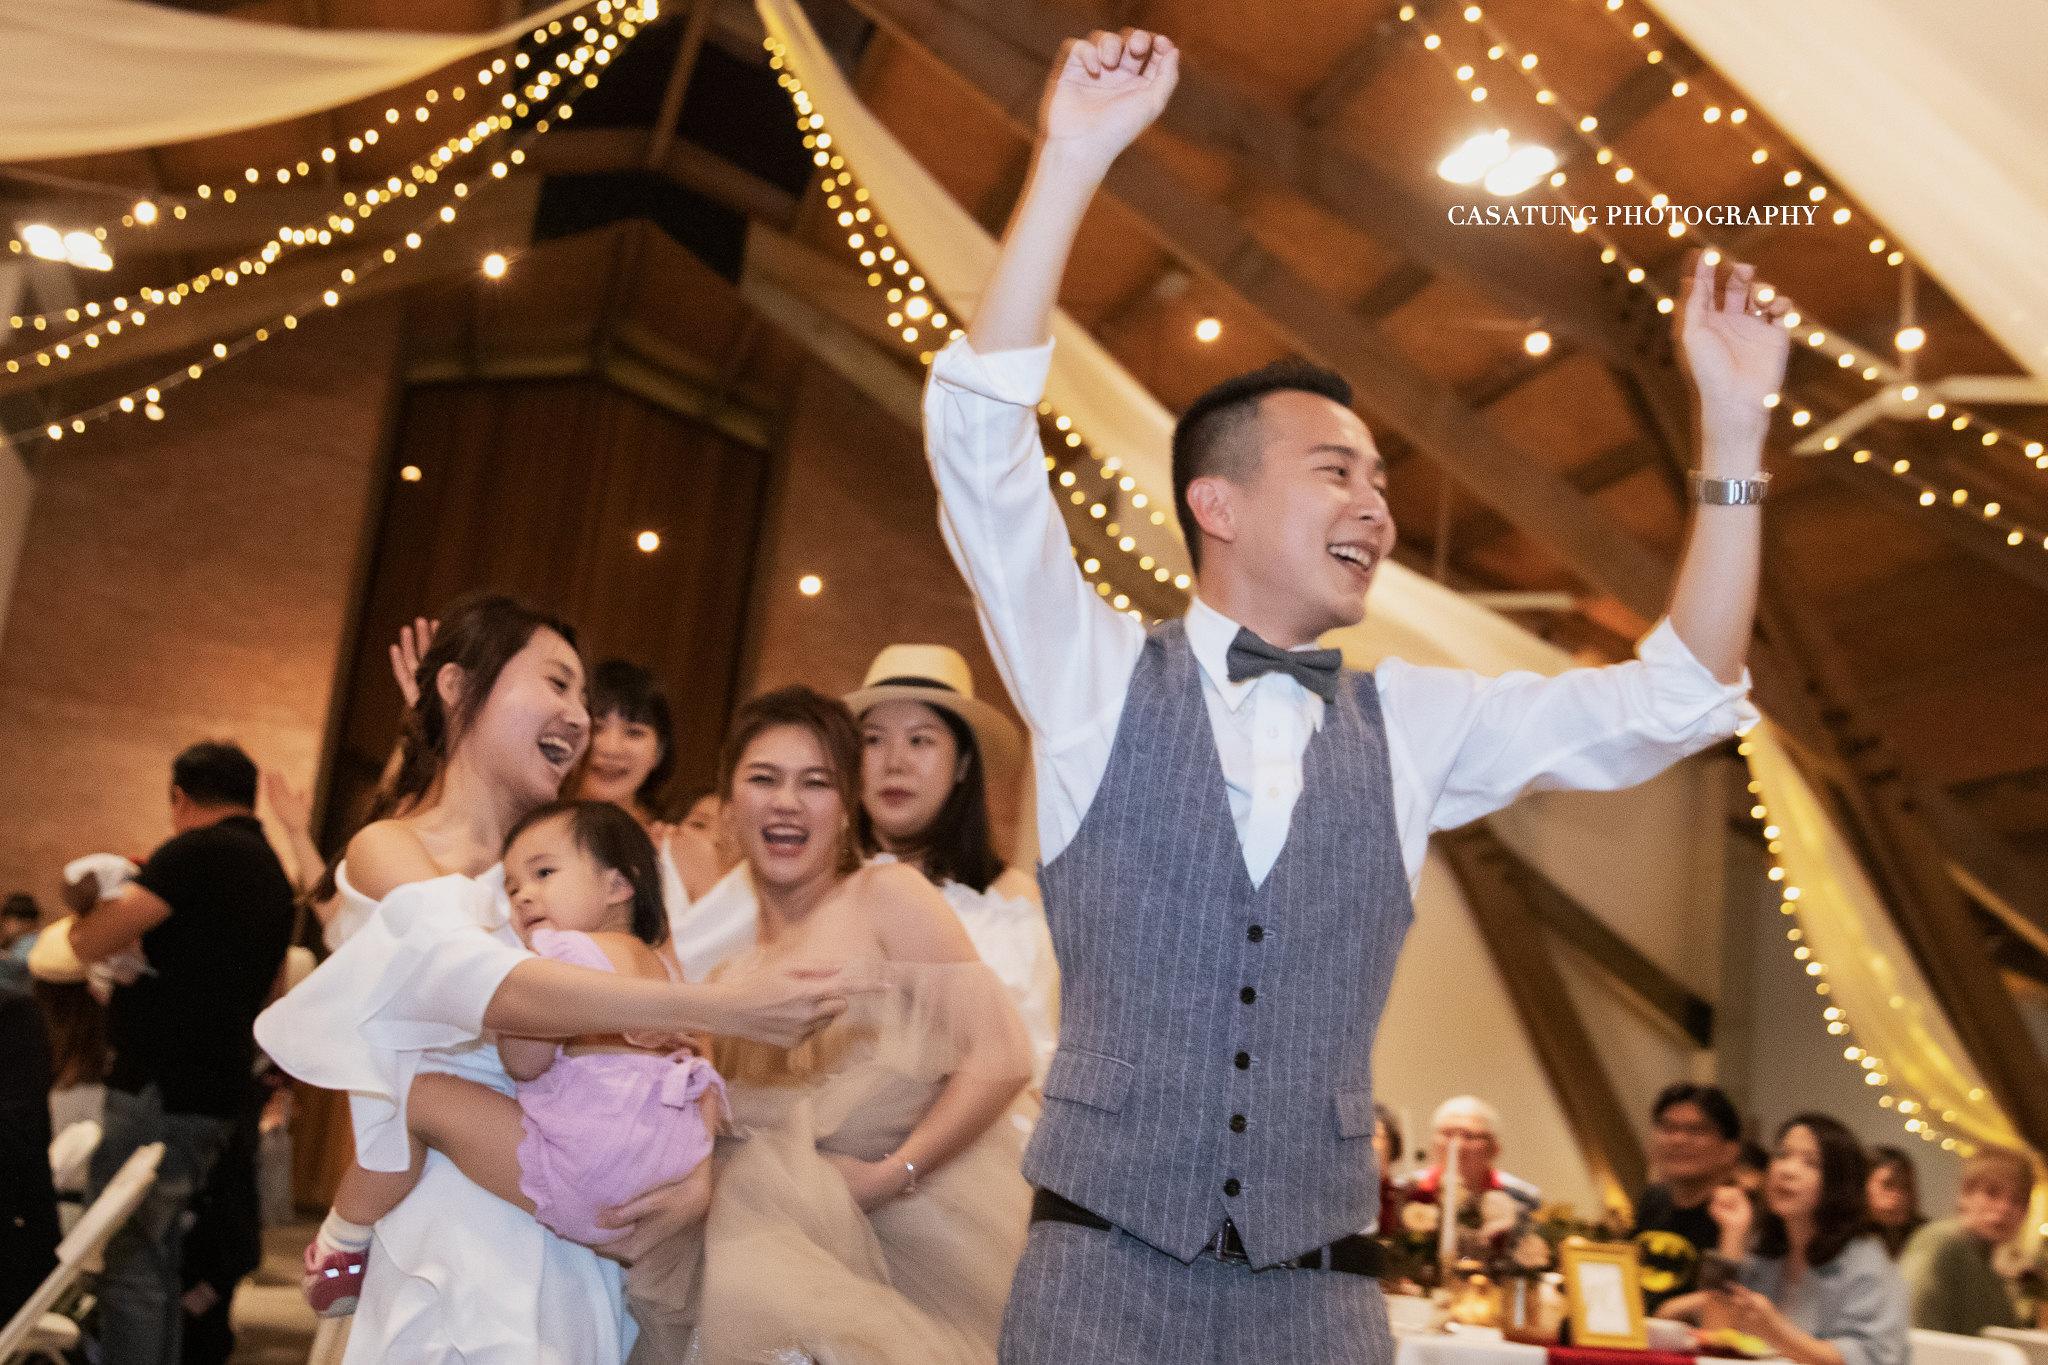 顏氏牧場婚禮,台中婚攝casa,旋轉木馬-145